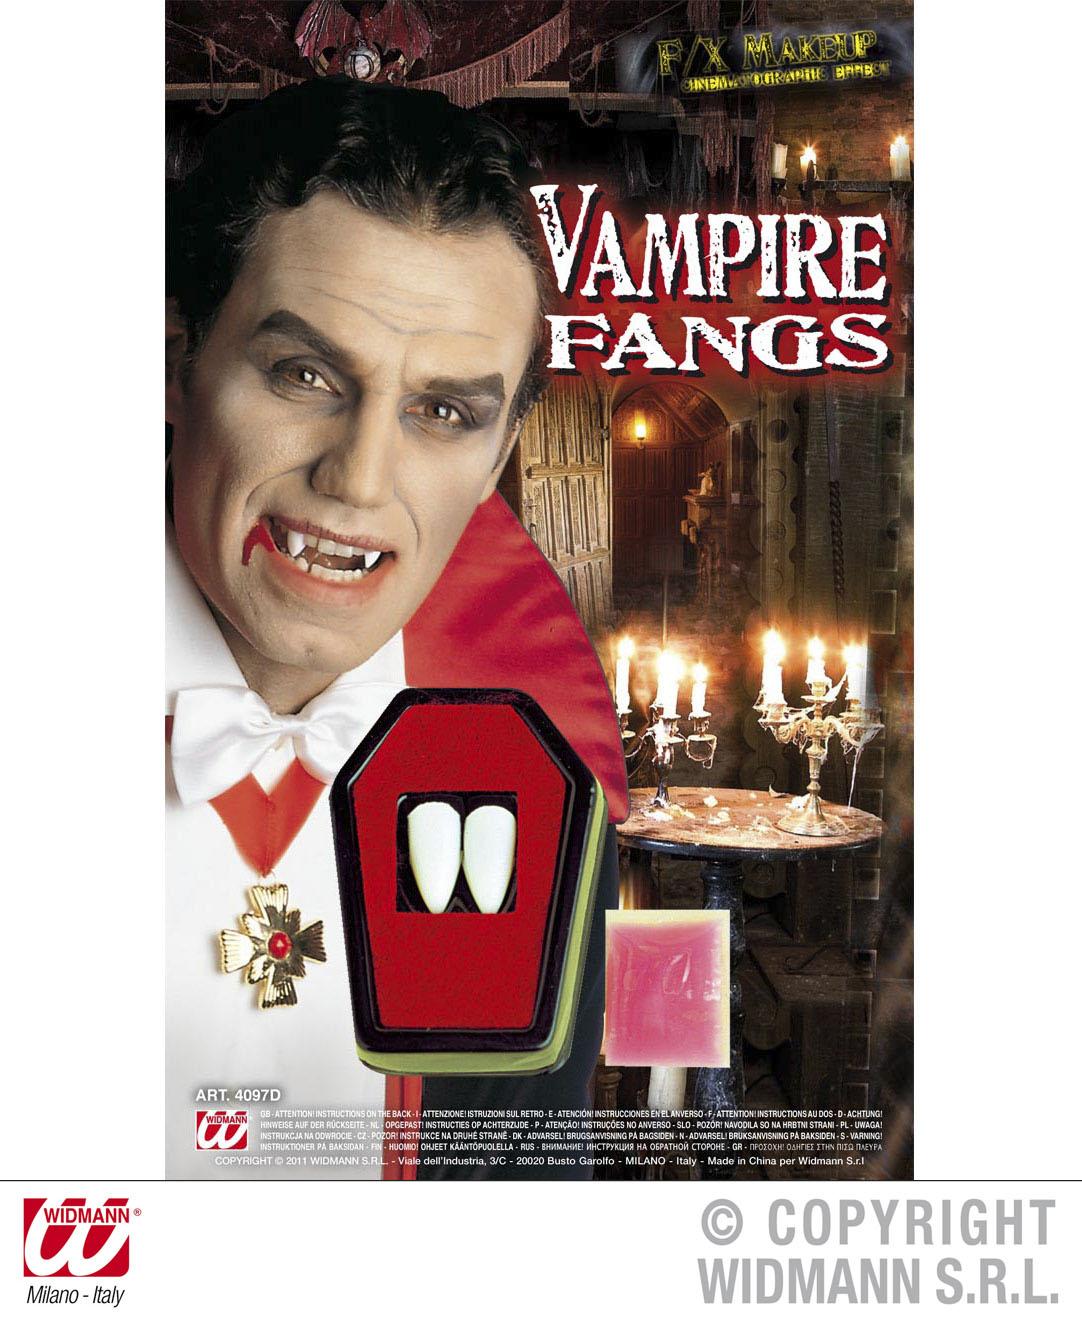 Dracula Vampir Eckzähne, Aufsteckzähne, Gebiss Zähne wie echt!